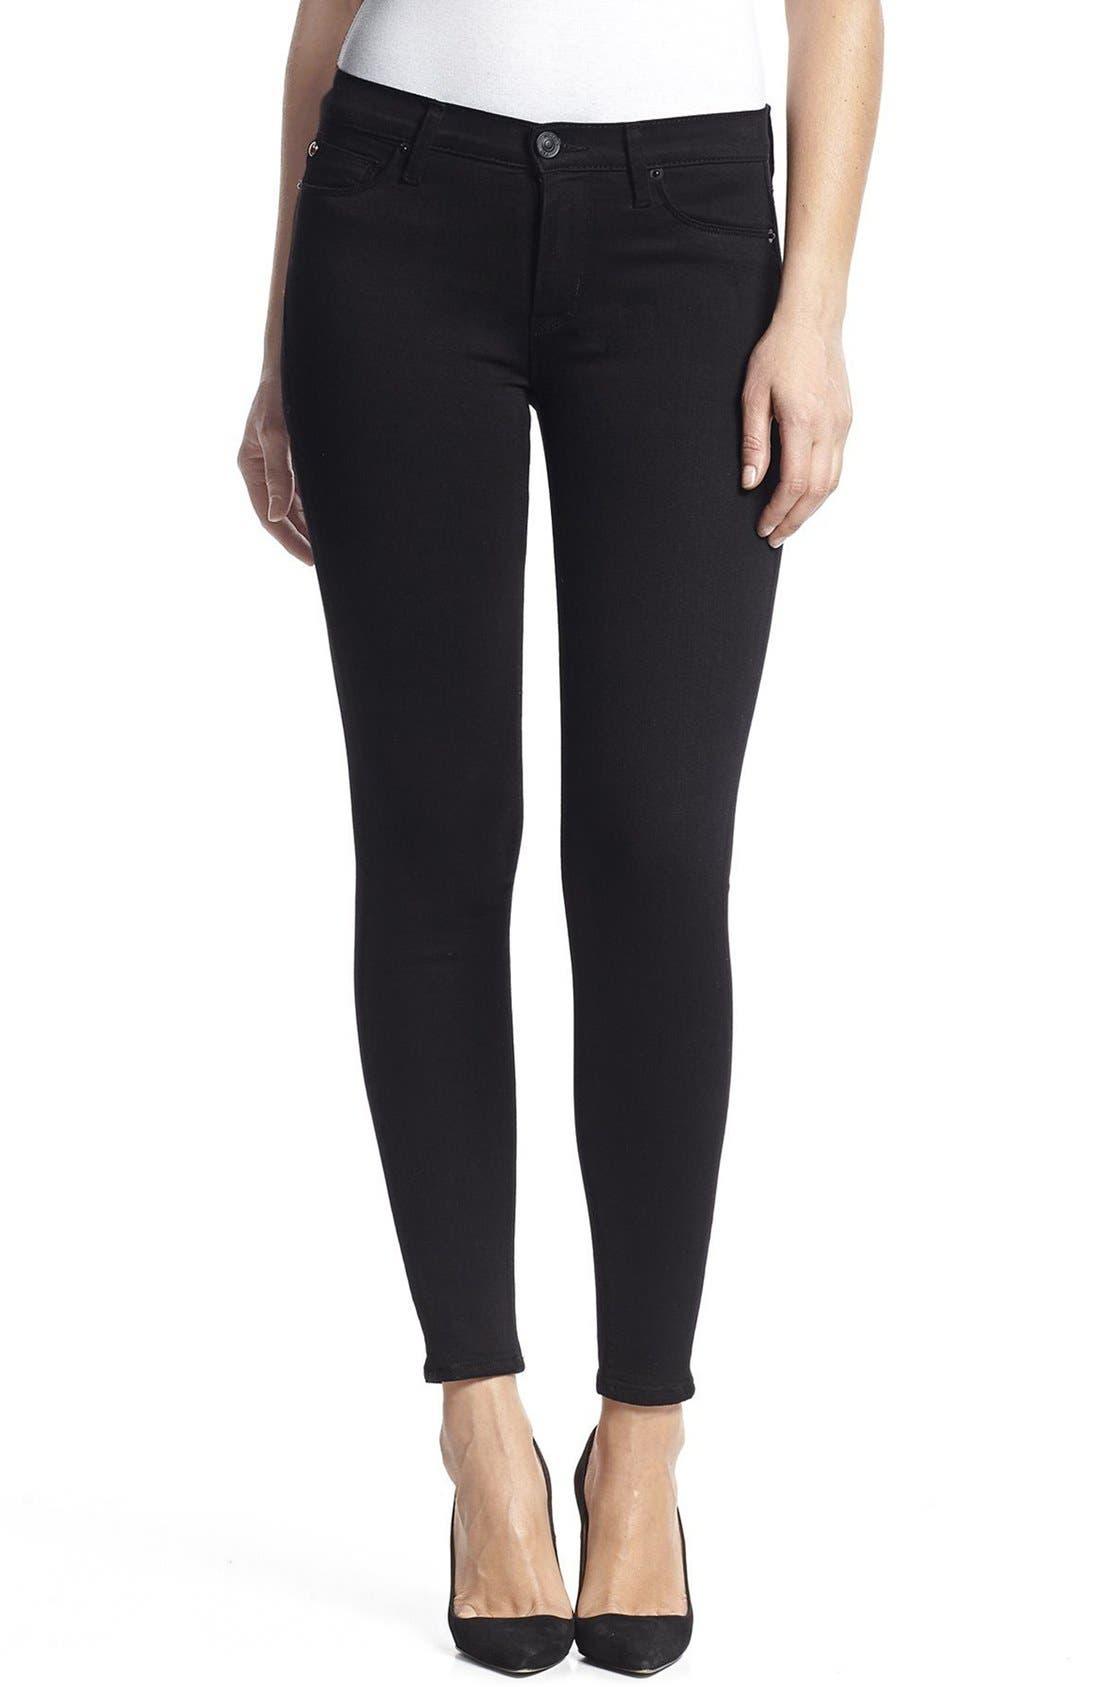 HudsonJeans Super Skinny Jeans